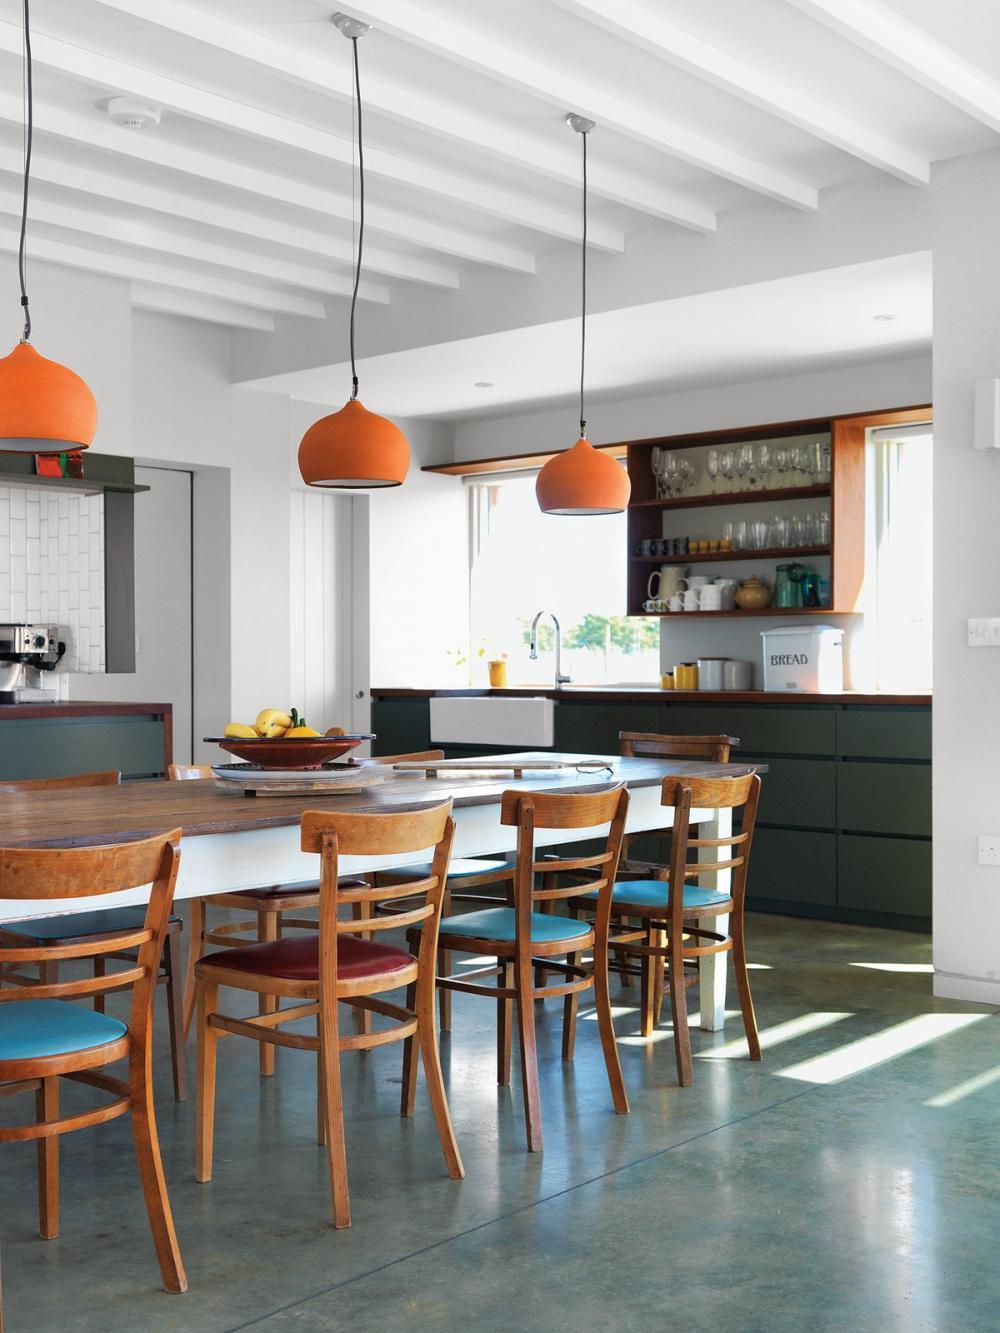 Đệm ghế màu sắc xen kẽ như này cũng tạo điểm nhấn đặc biệt cho phòng ăn